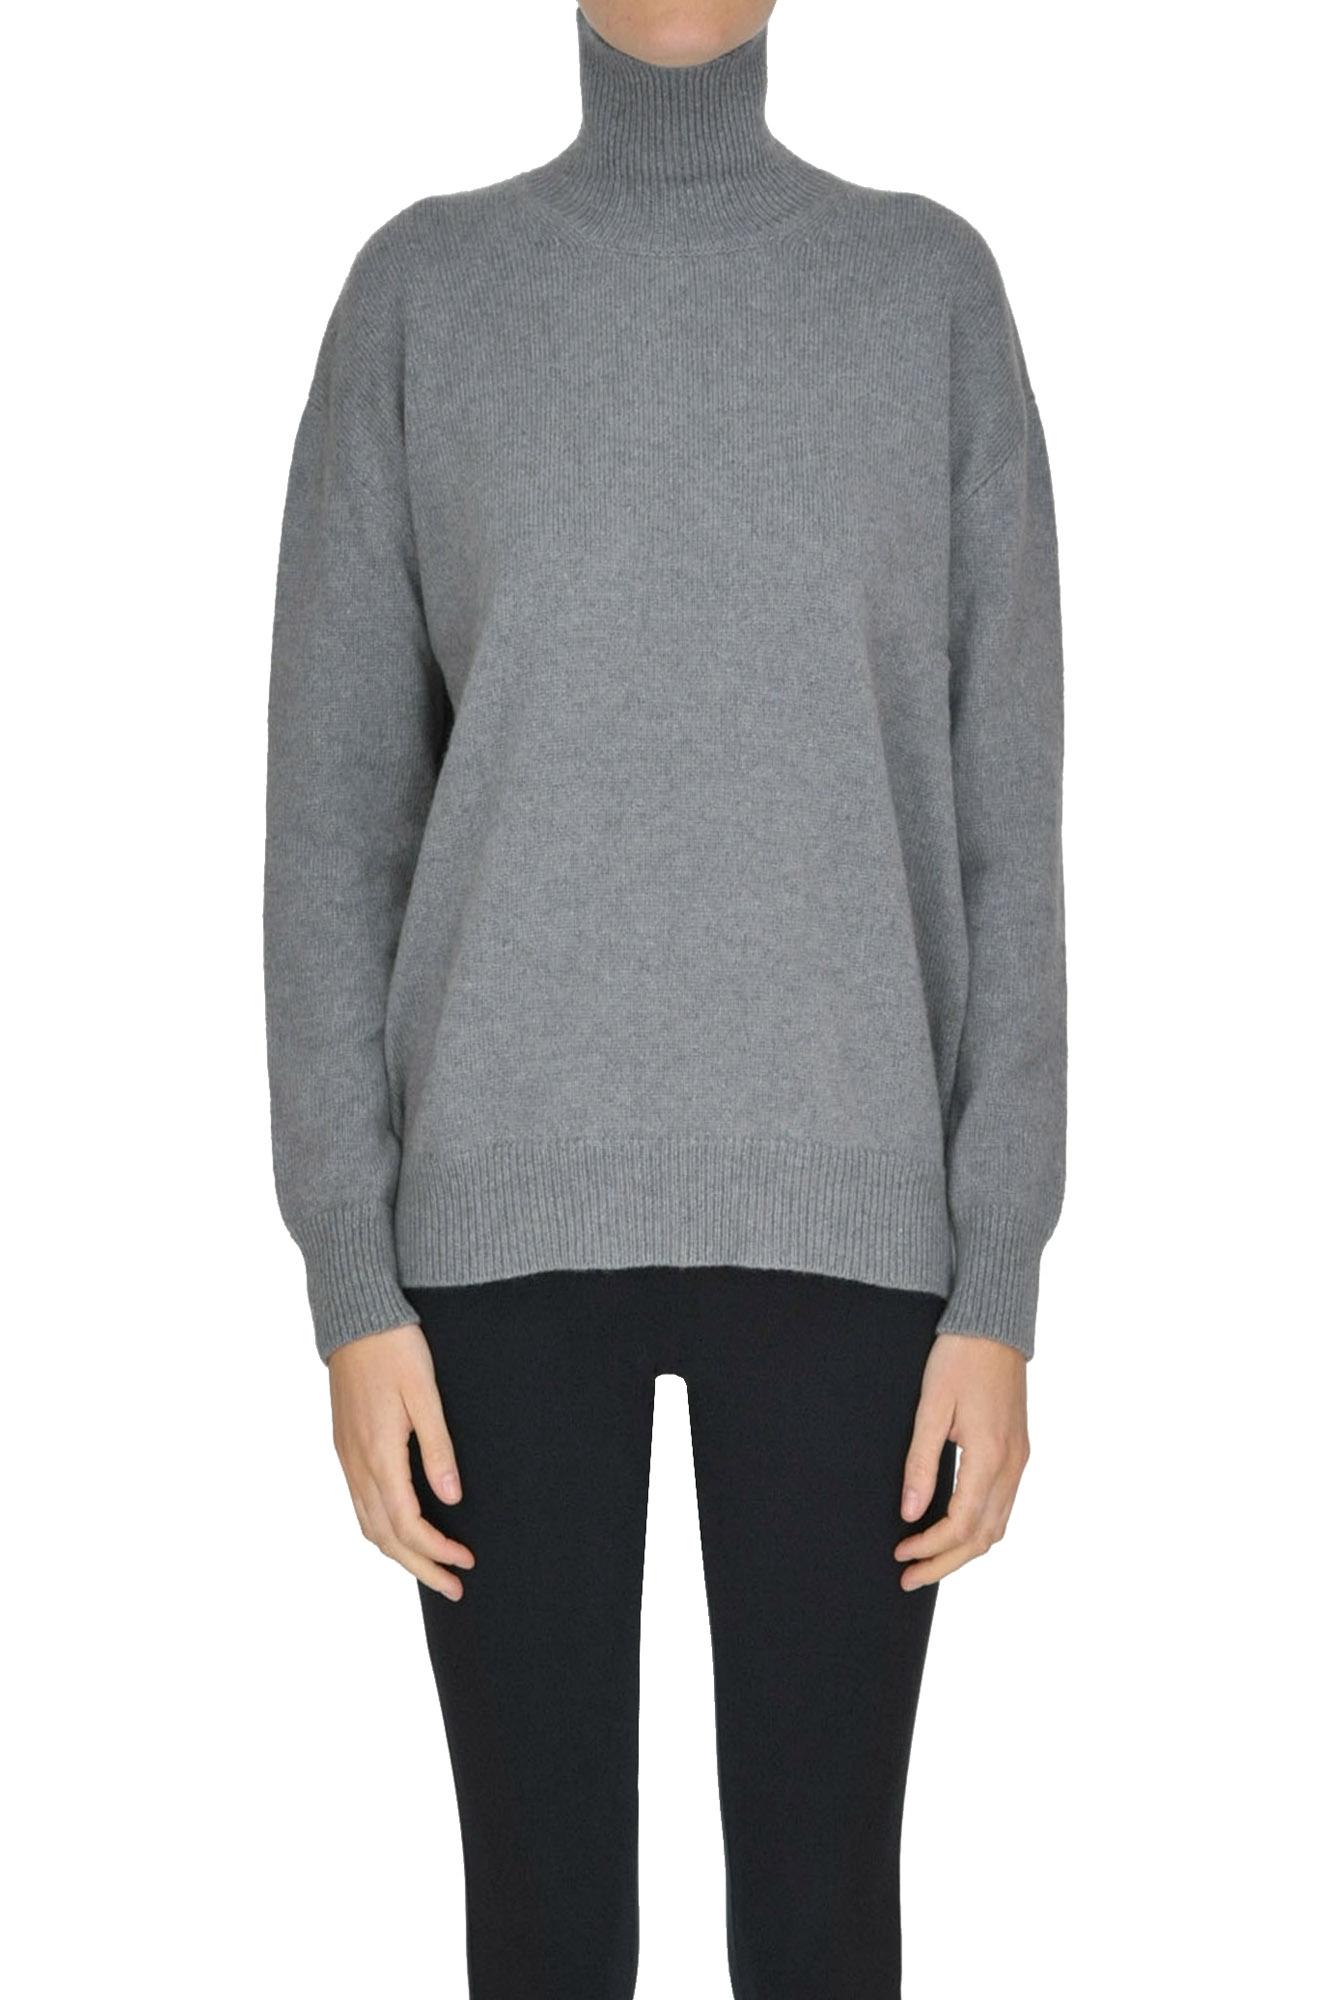 ALYKI Turtleneck Cashmere Pullover in Grey